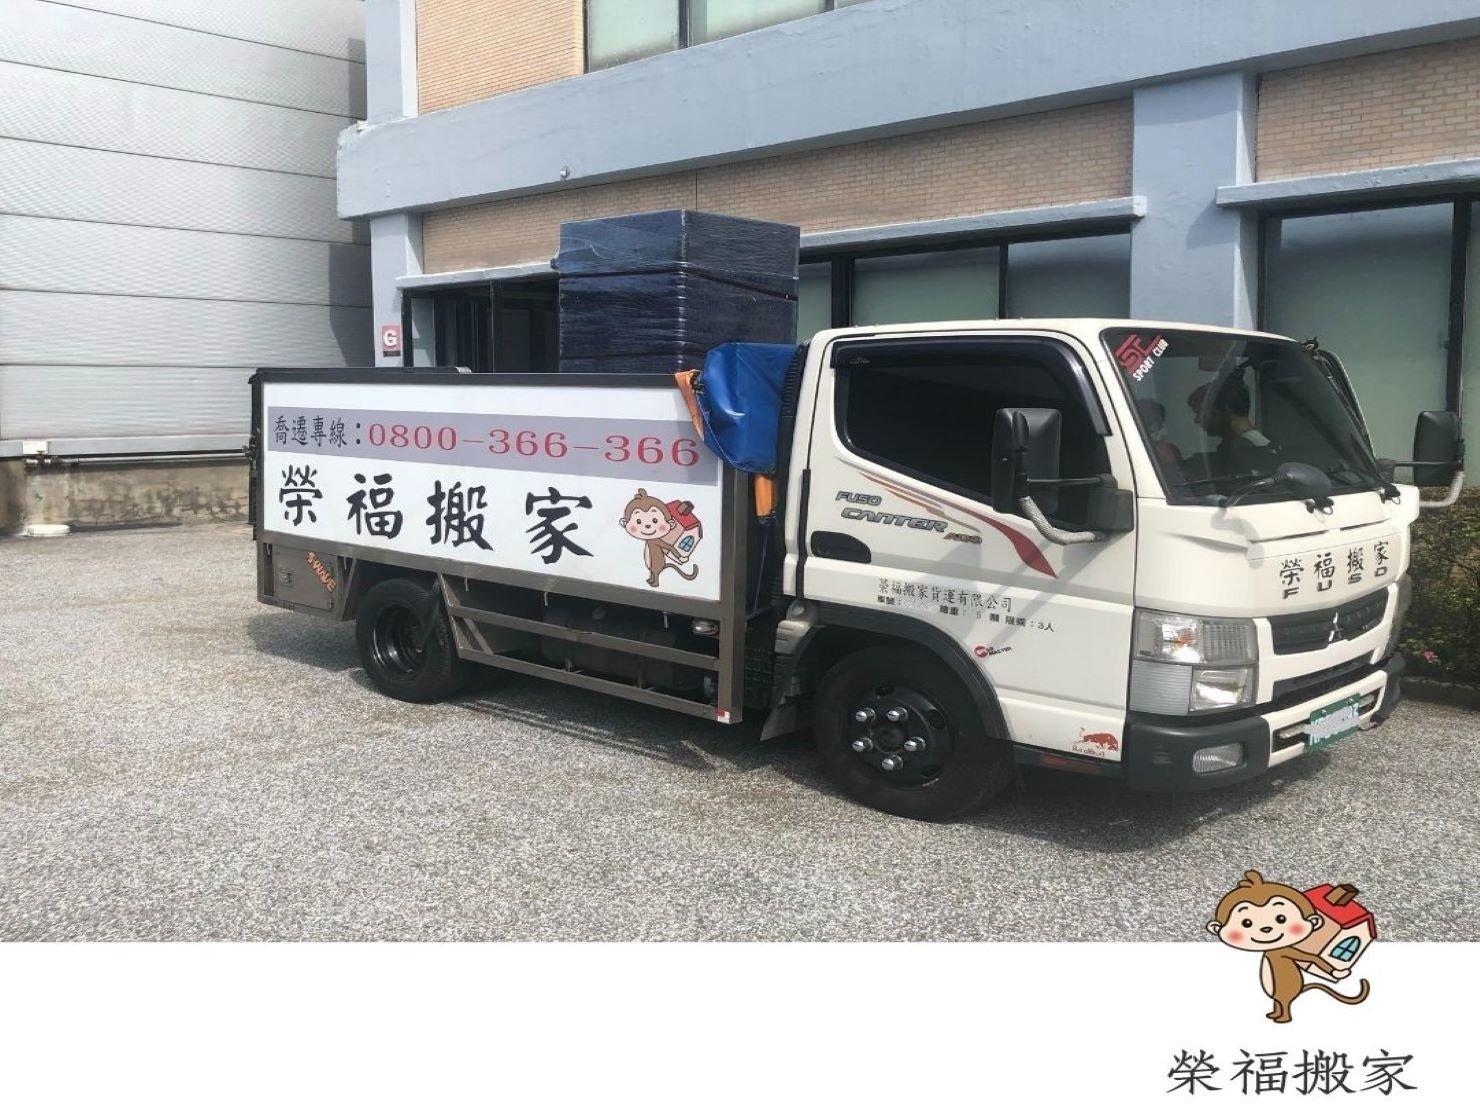 【重物搬運實錄】實驗室生醫設備超低溫冷凍櫃搬運,如何安全搬運?看看榮福搬家的專業搬運手法。